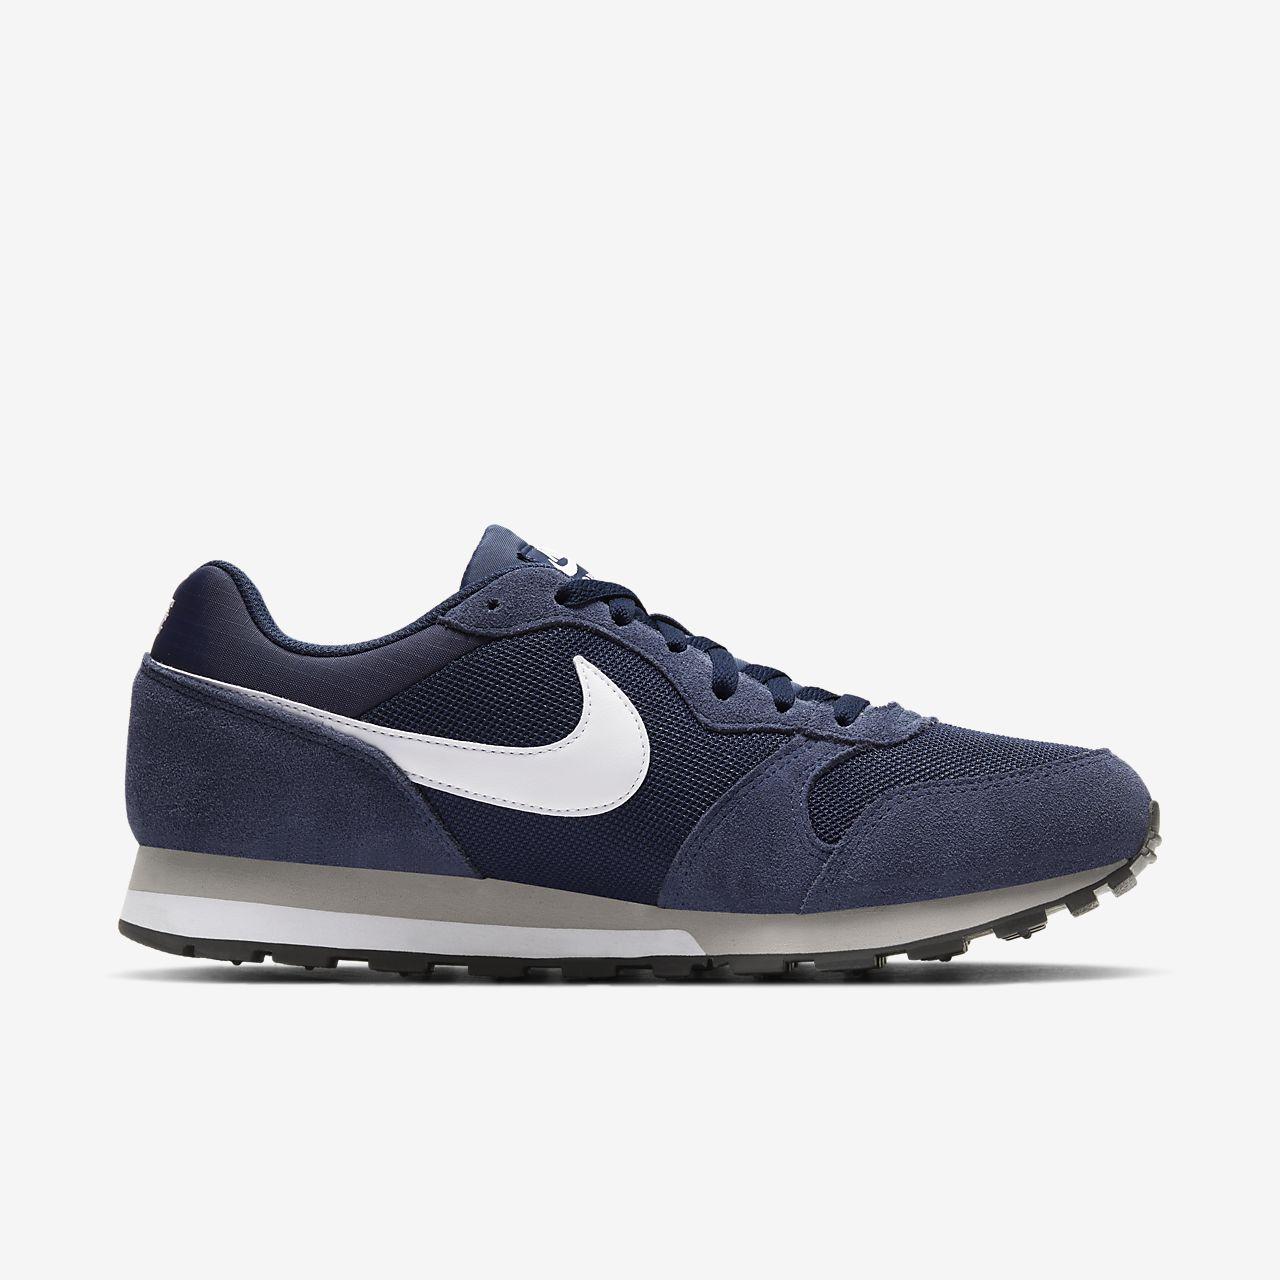 Nike MD Runner 2 749794 002 schwarz, herren, preis, Größe